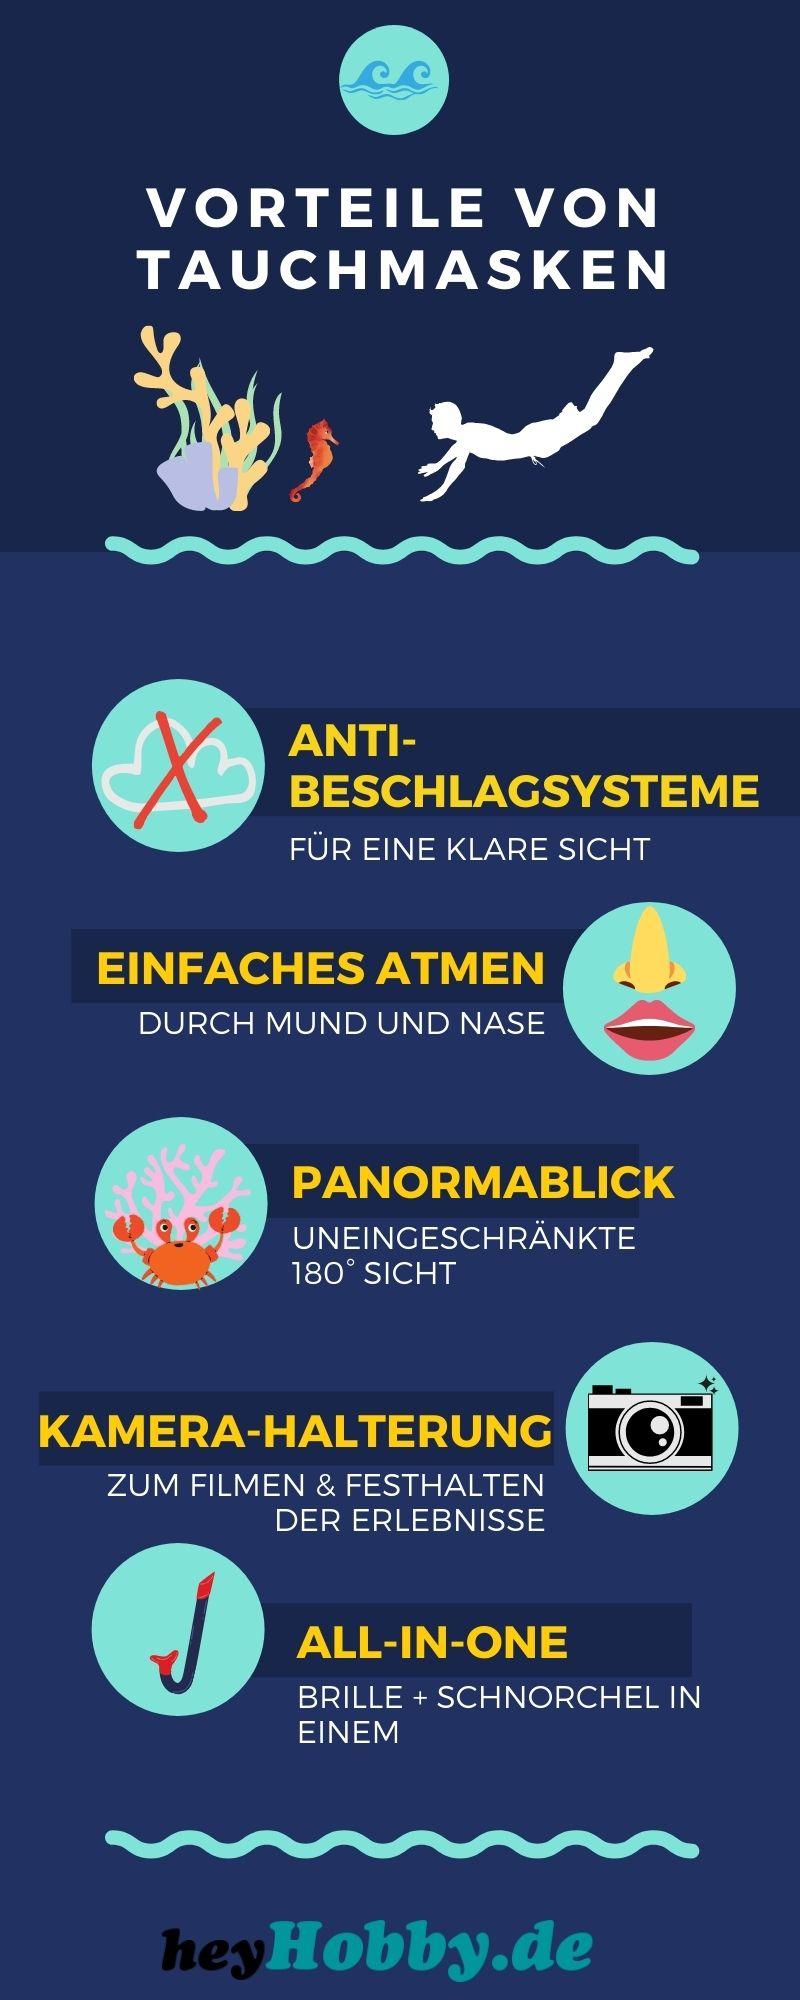 Infografik Vorteile von tauchmasken